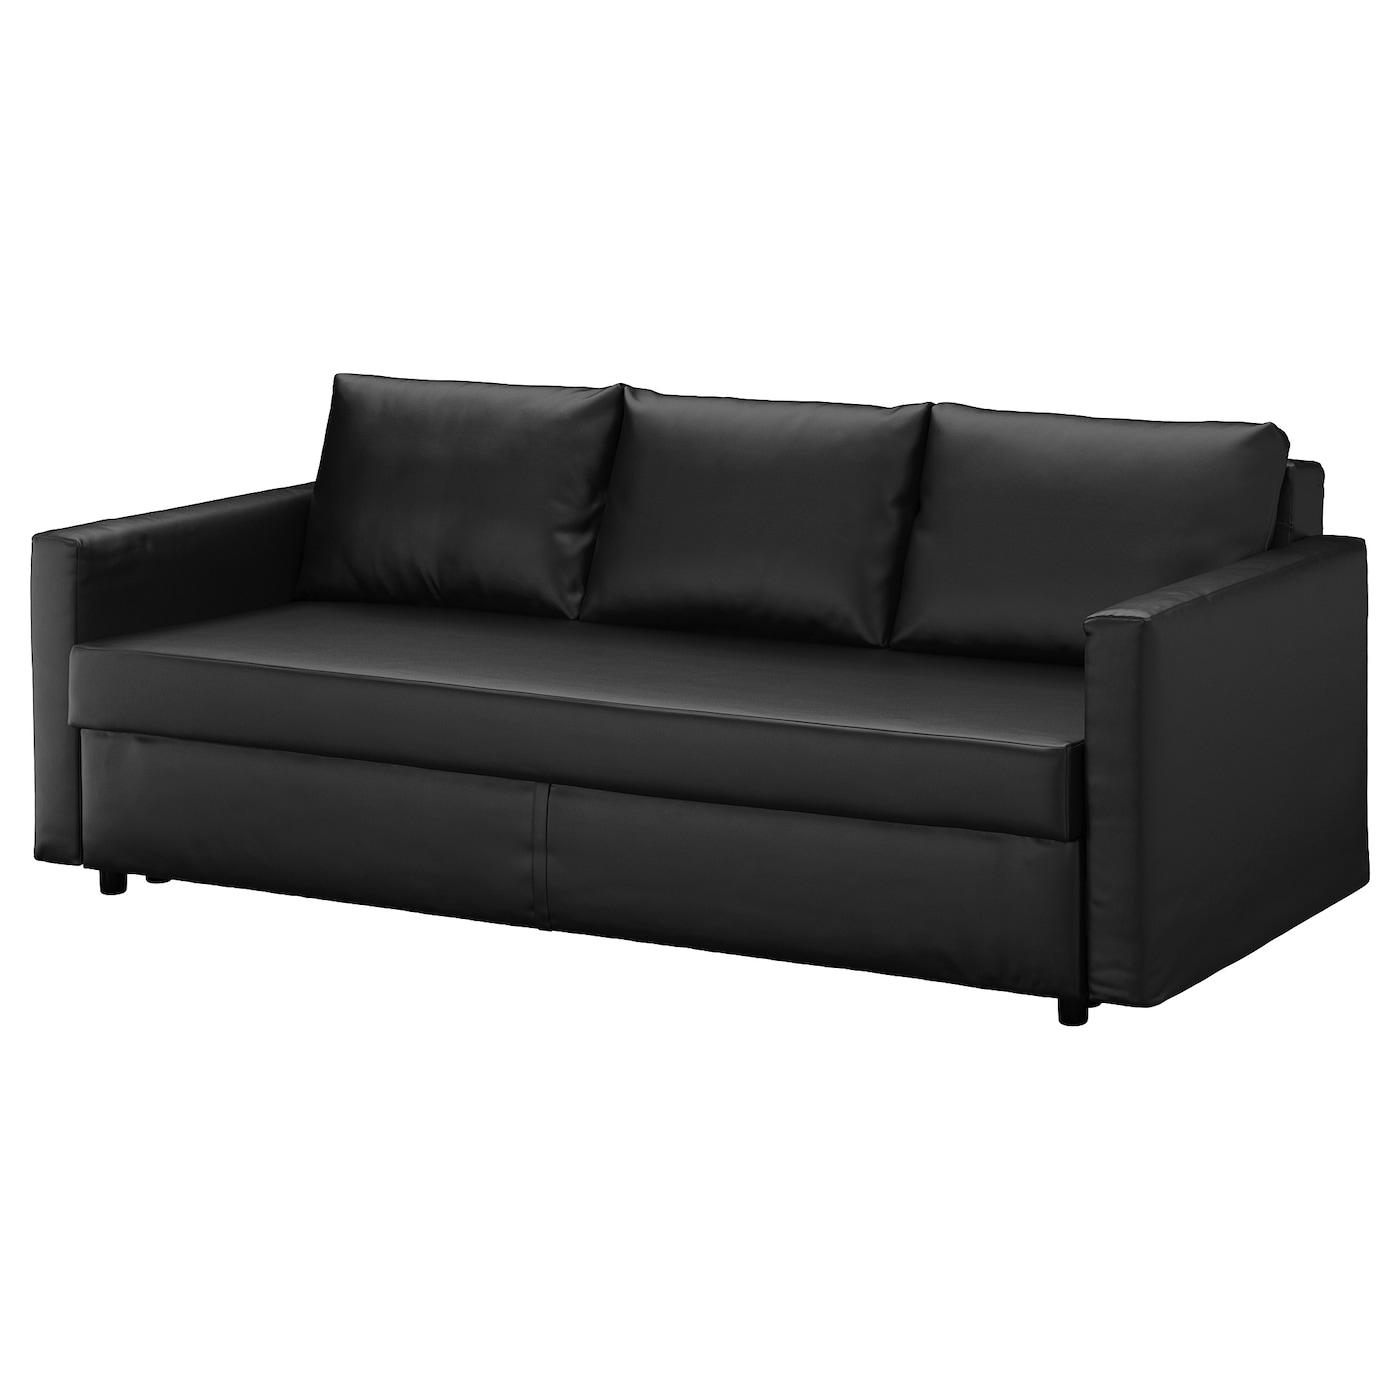 IKEA FRIHETEN czarna, trzyosobowa sofa rozkładana